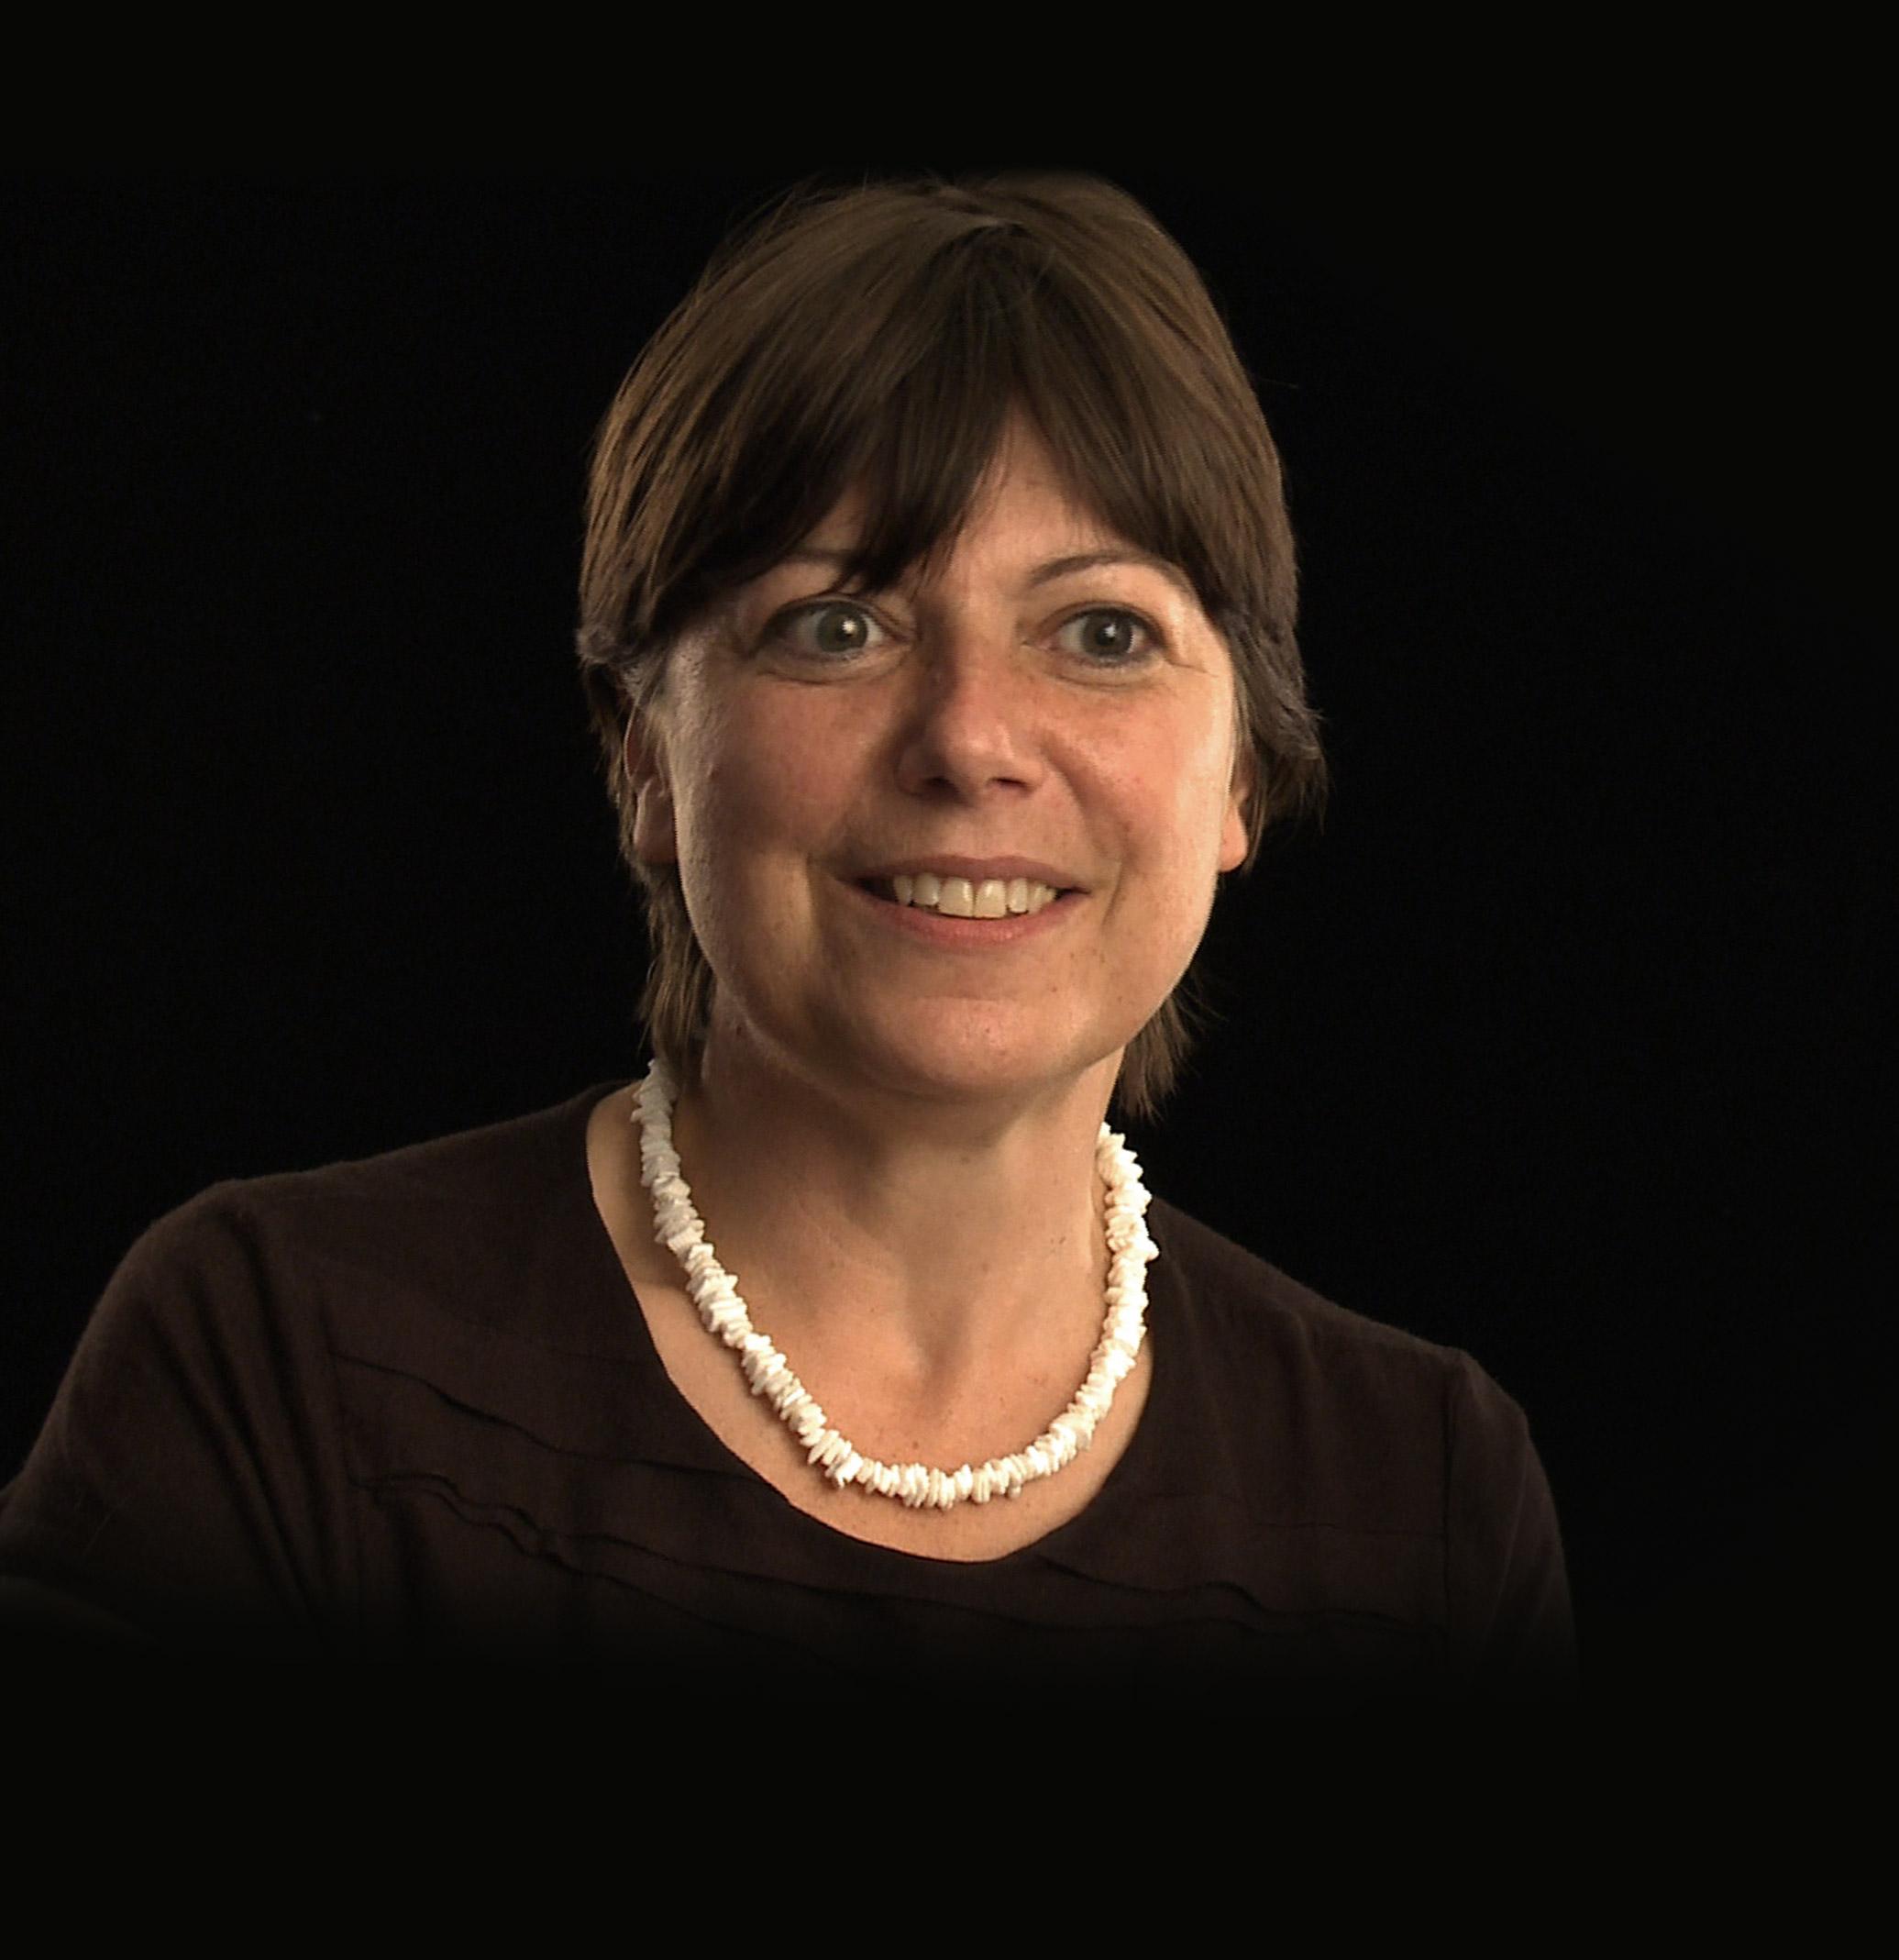 Clare Allen - Consultant Uroradiologist